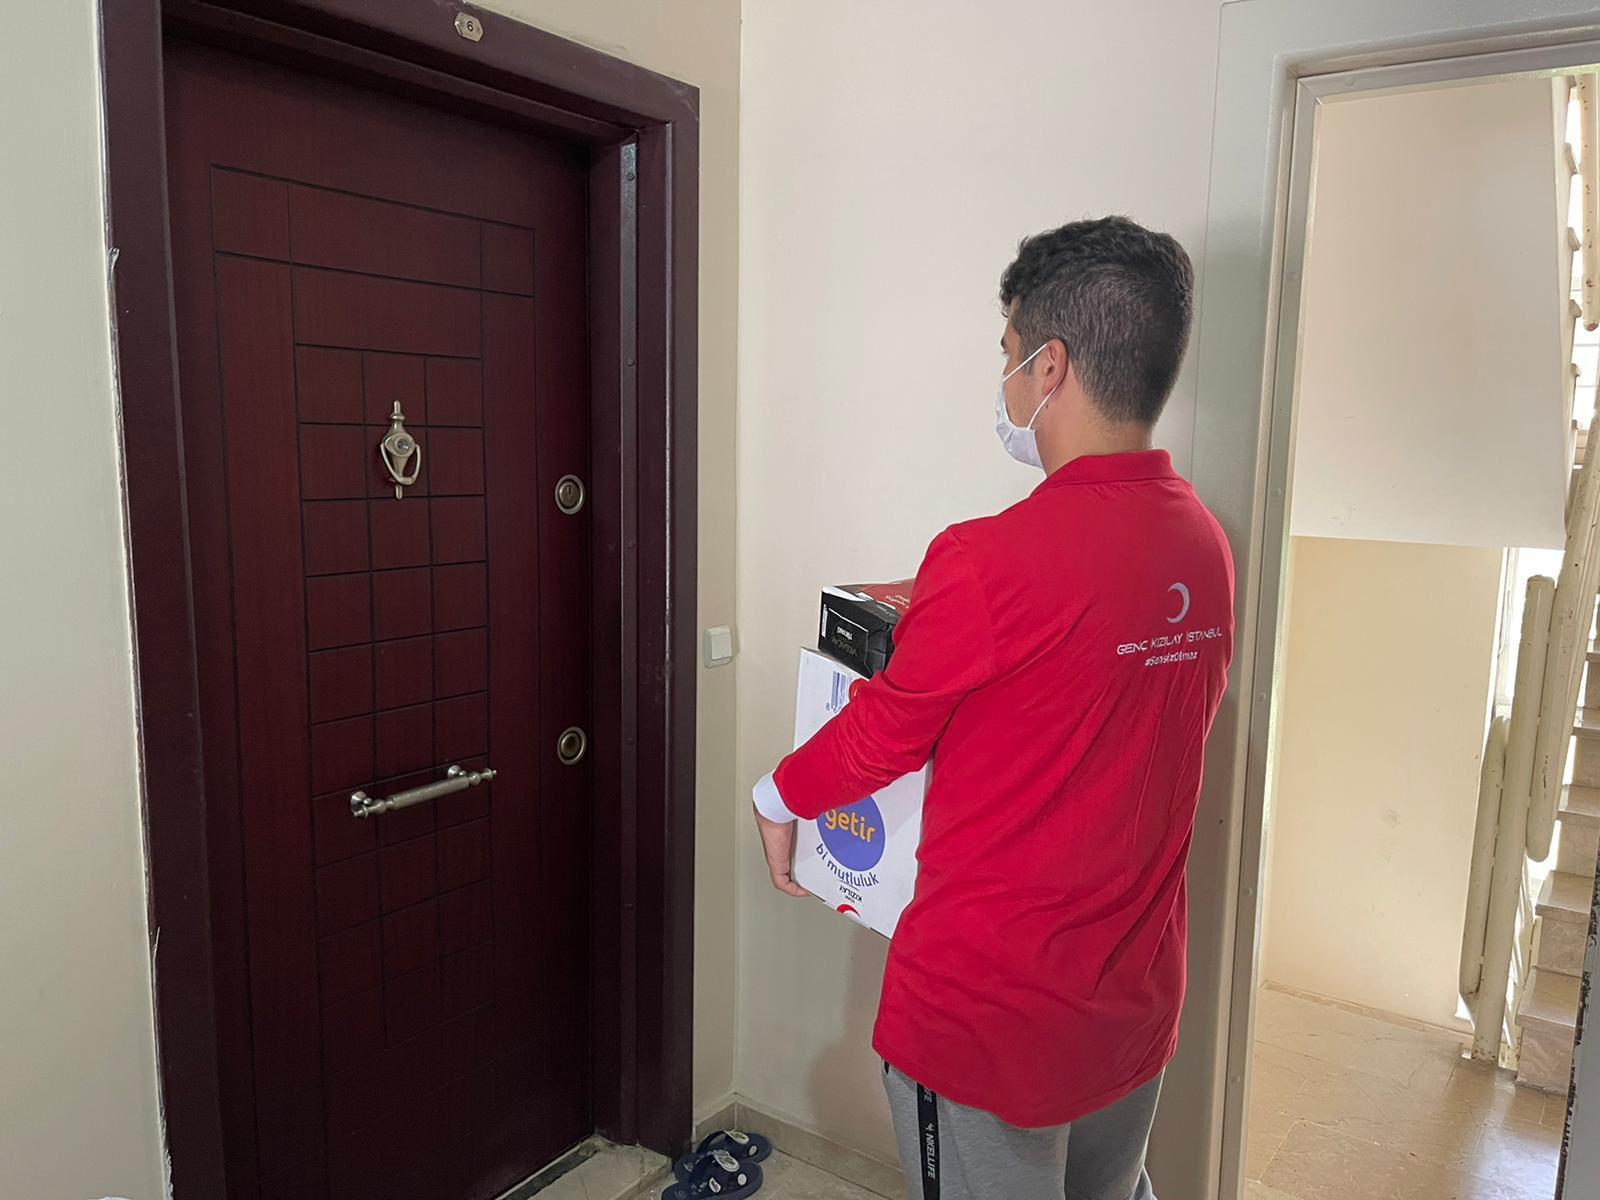 Silivri Genç Kızılay'dan, ihtiyaç sahiplerine yardım desteği